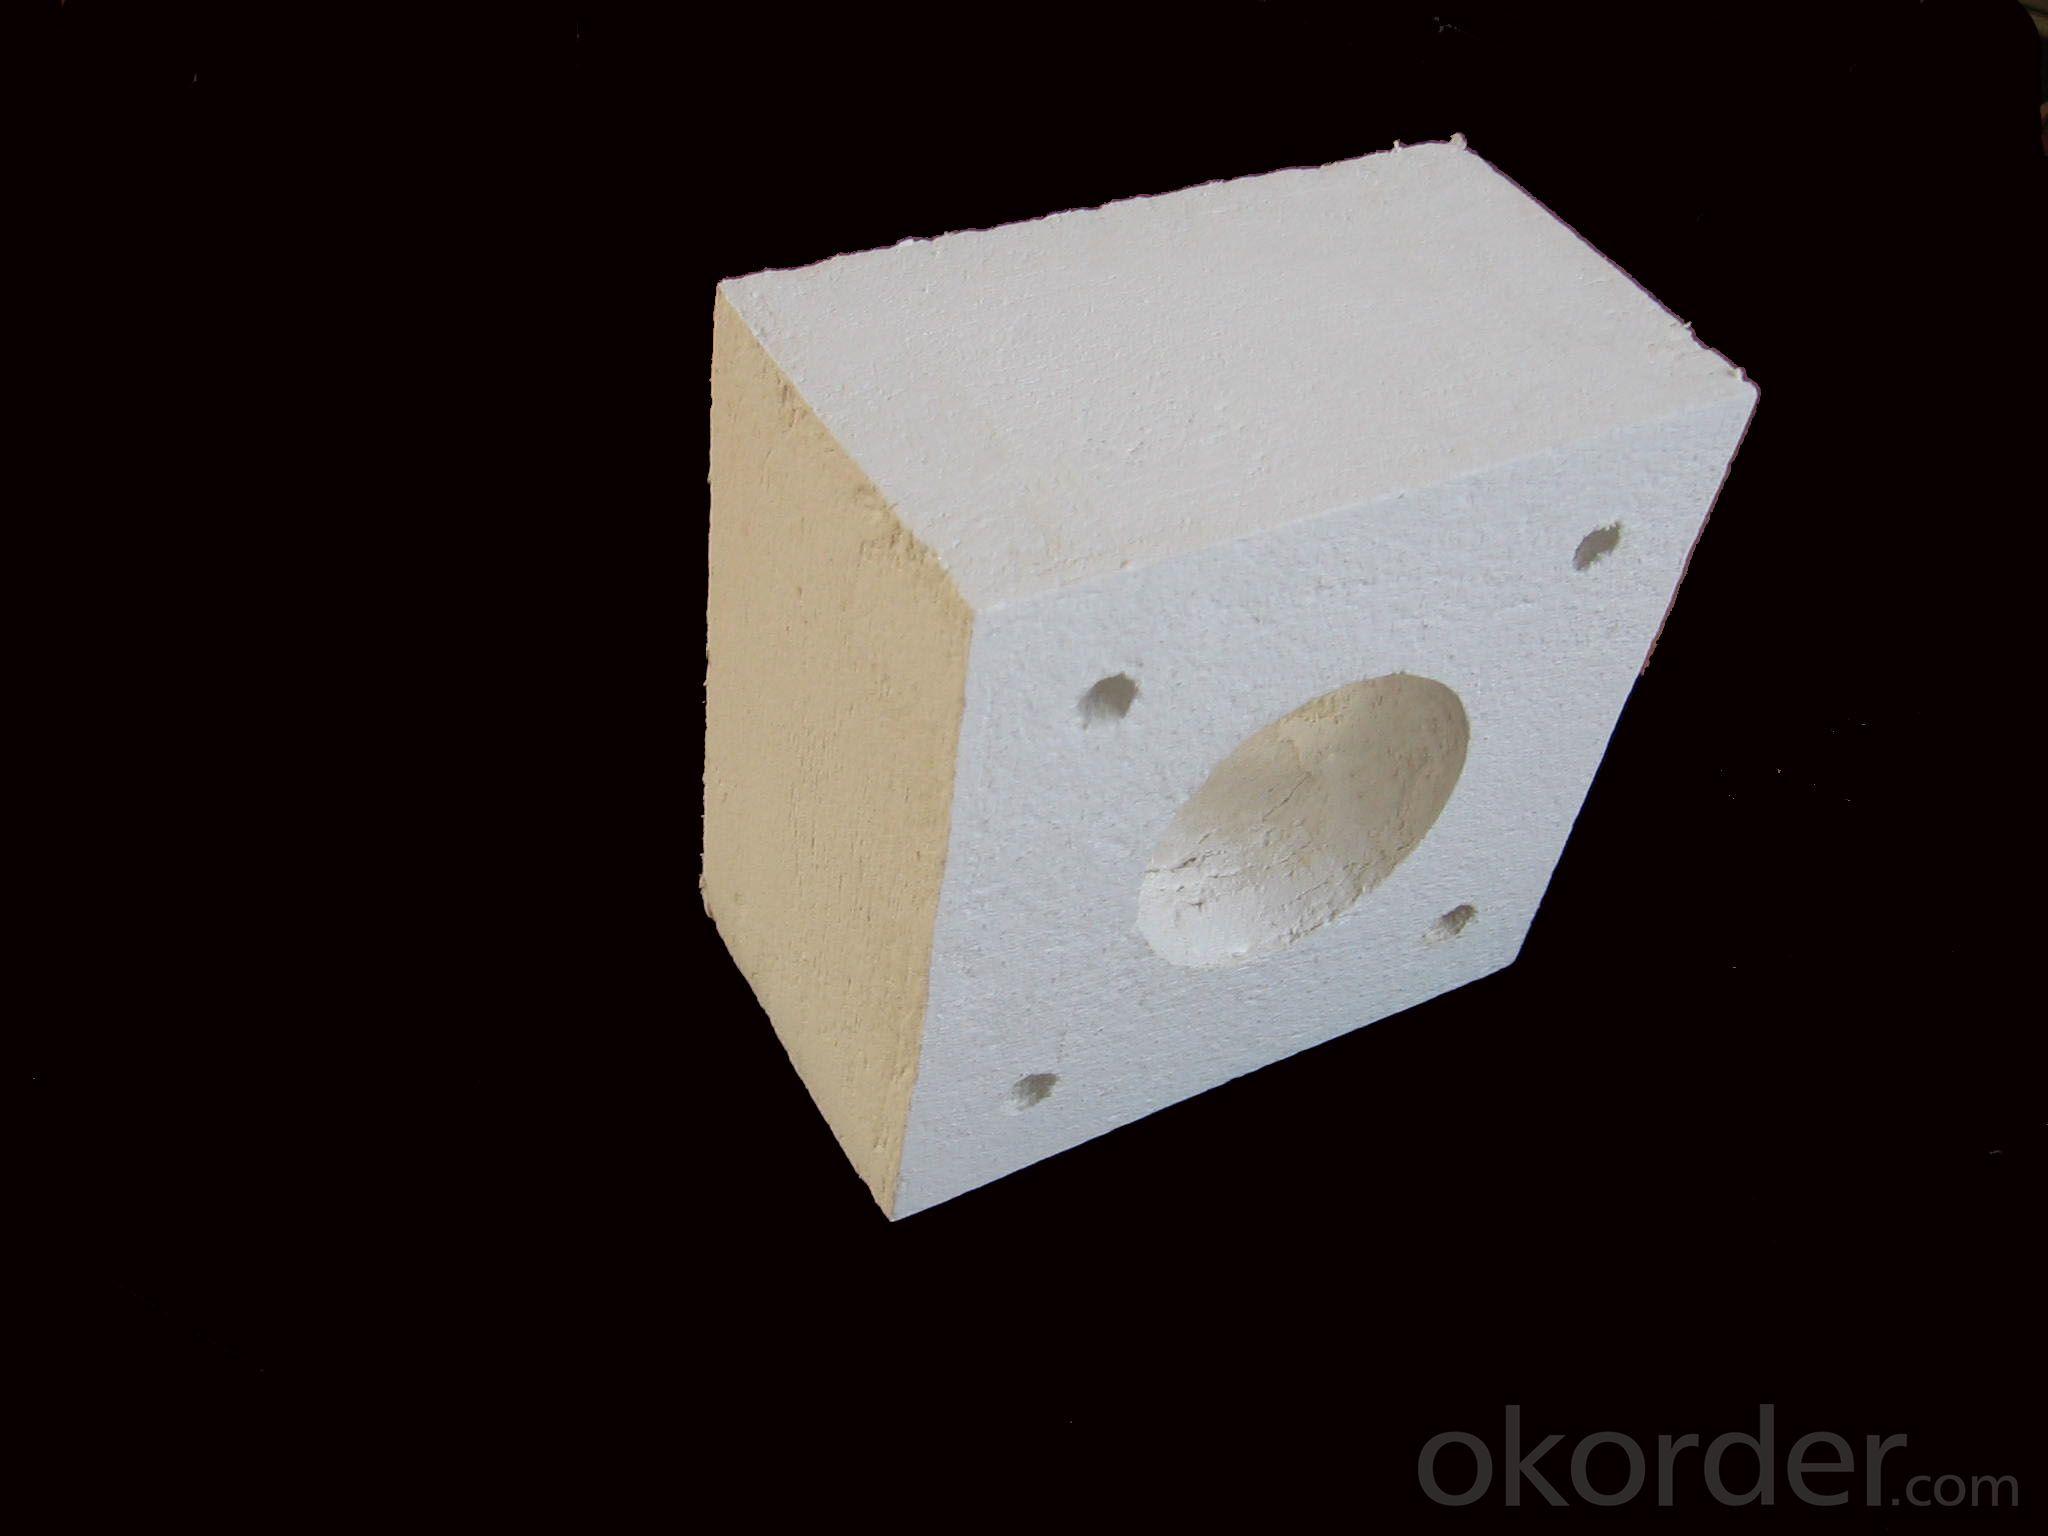 Refractory Ceramic Fiber Tap Out Cones for Aluminium Casting